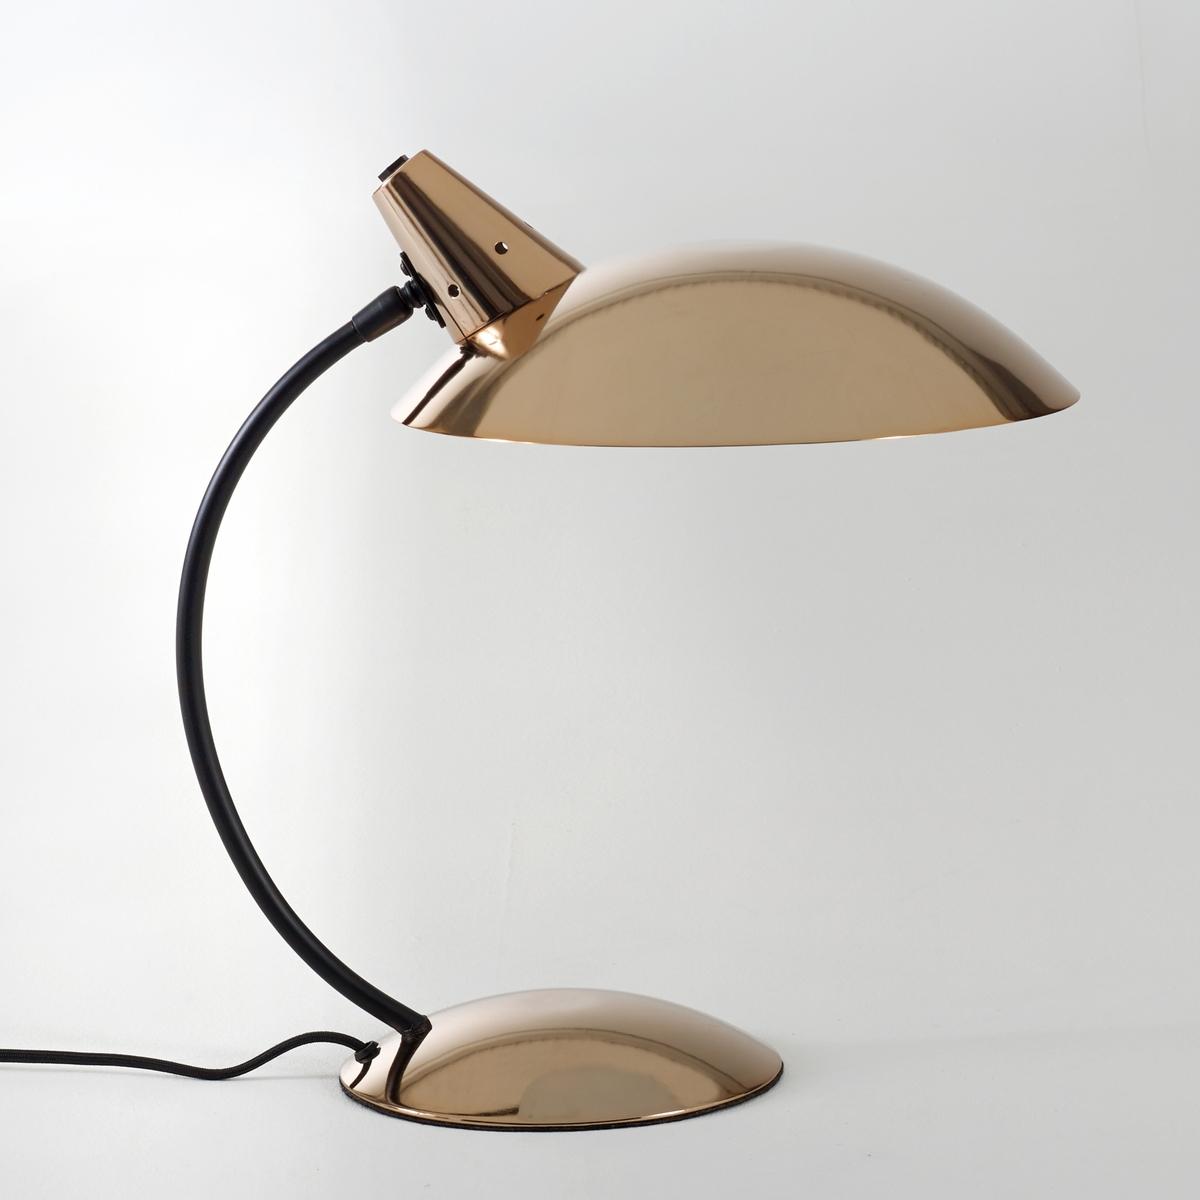 Lampada d'appoggio in metallo vintage, Rosella